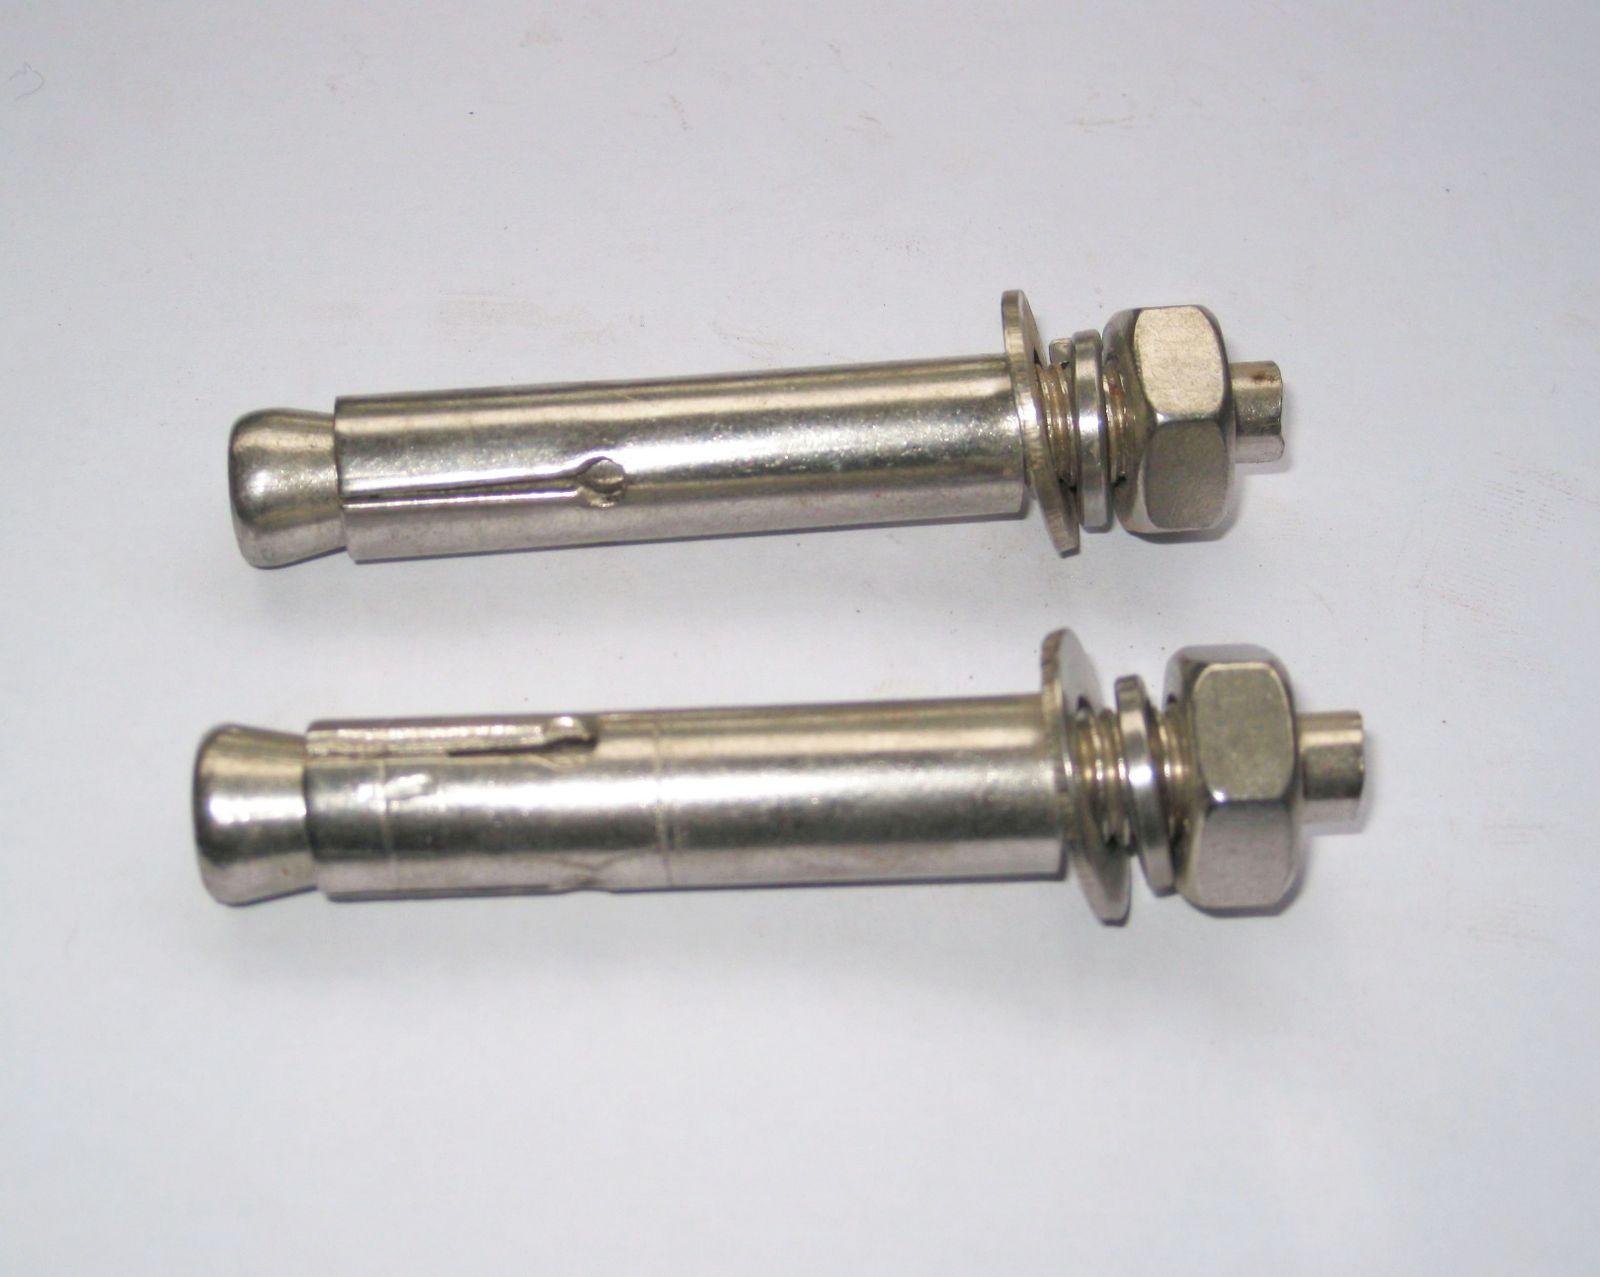 Tắc kê sắt M12x100 TGCN-15439 Vietnam